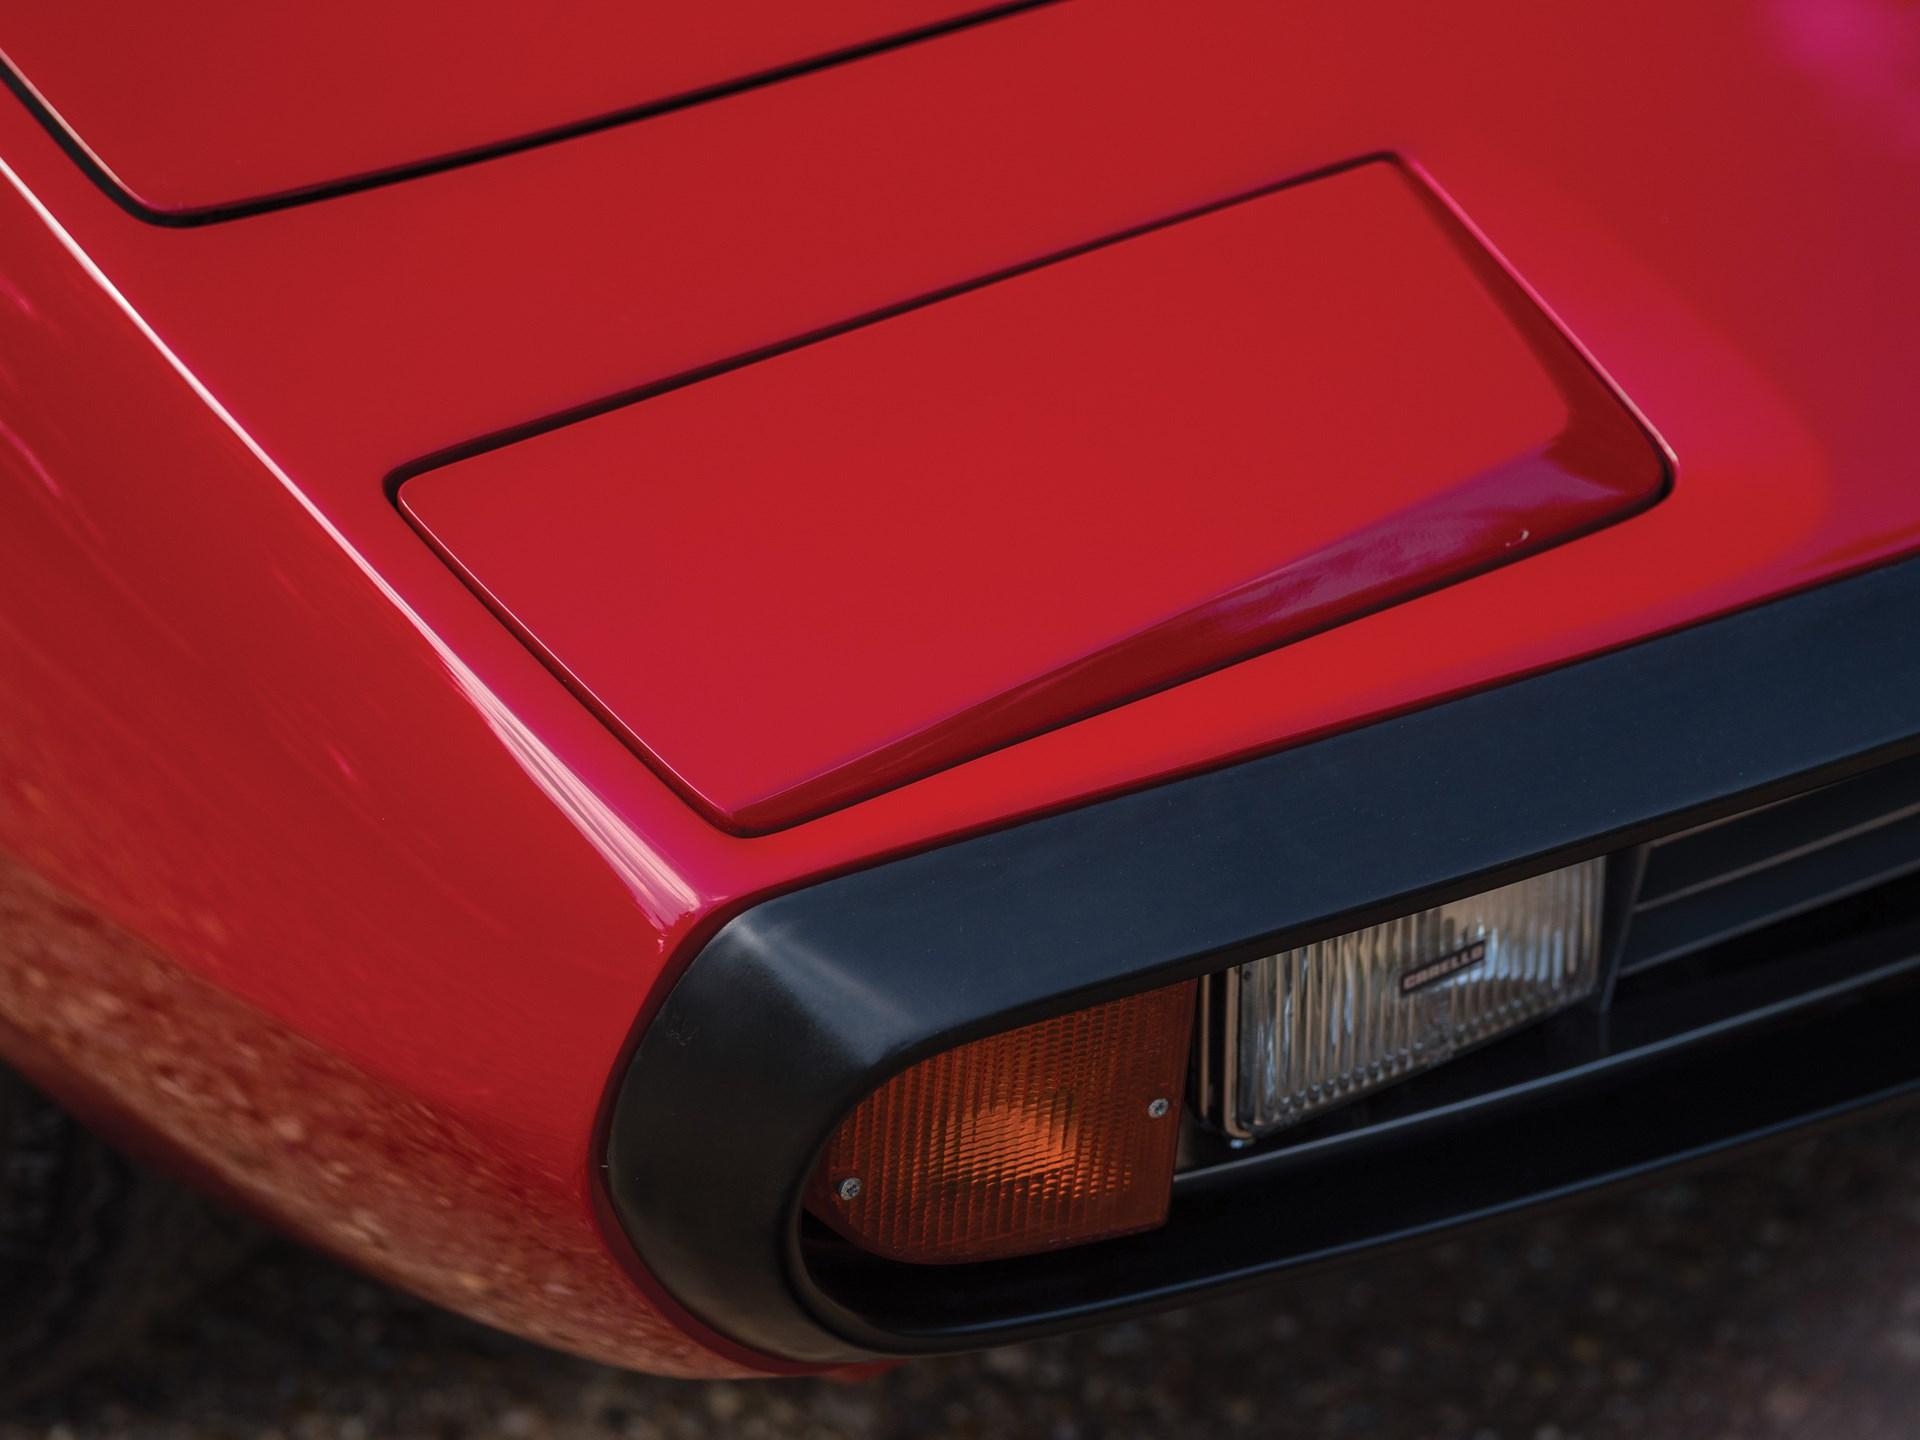 1972 Ferrari 365 GTC/4 by Pininfarina